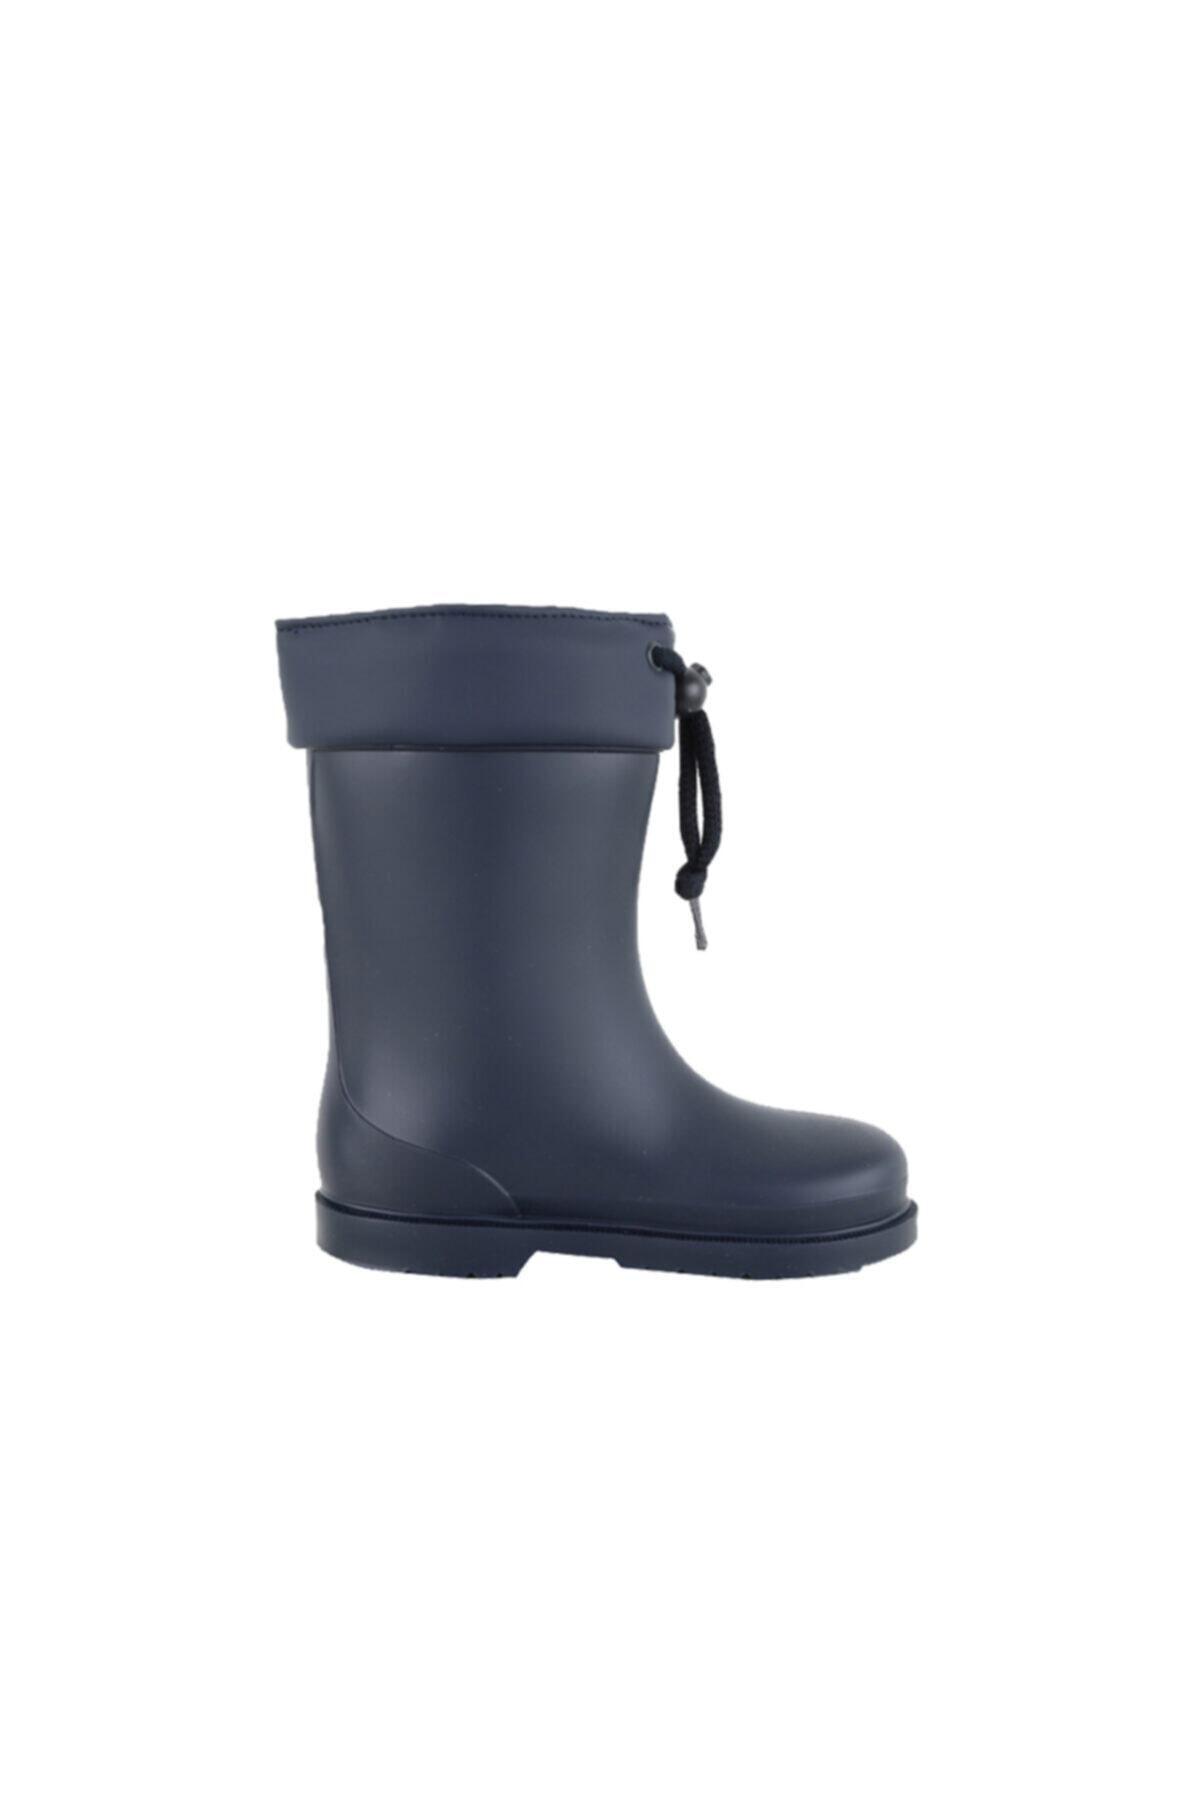 IGOR W10100 Chufo Cuello-003 Lacivert Unisex Çocuk Yağmur Çizmesi 100386300 2